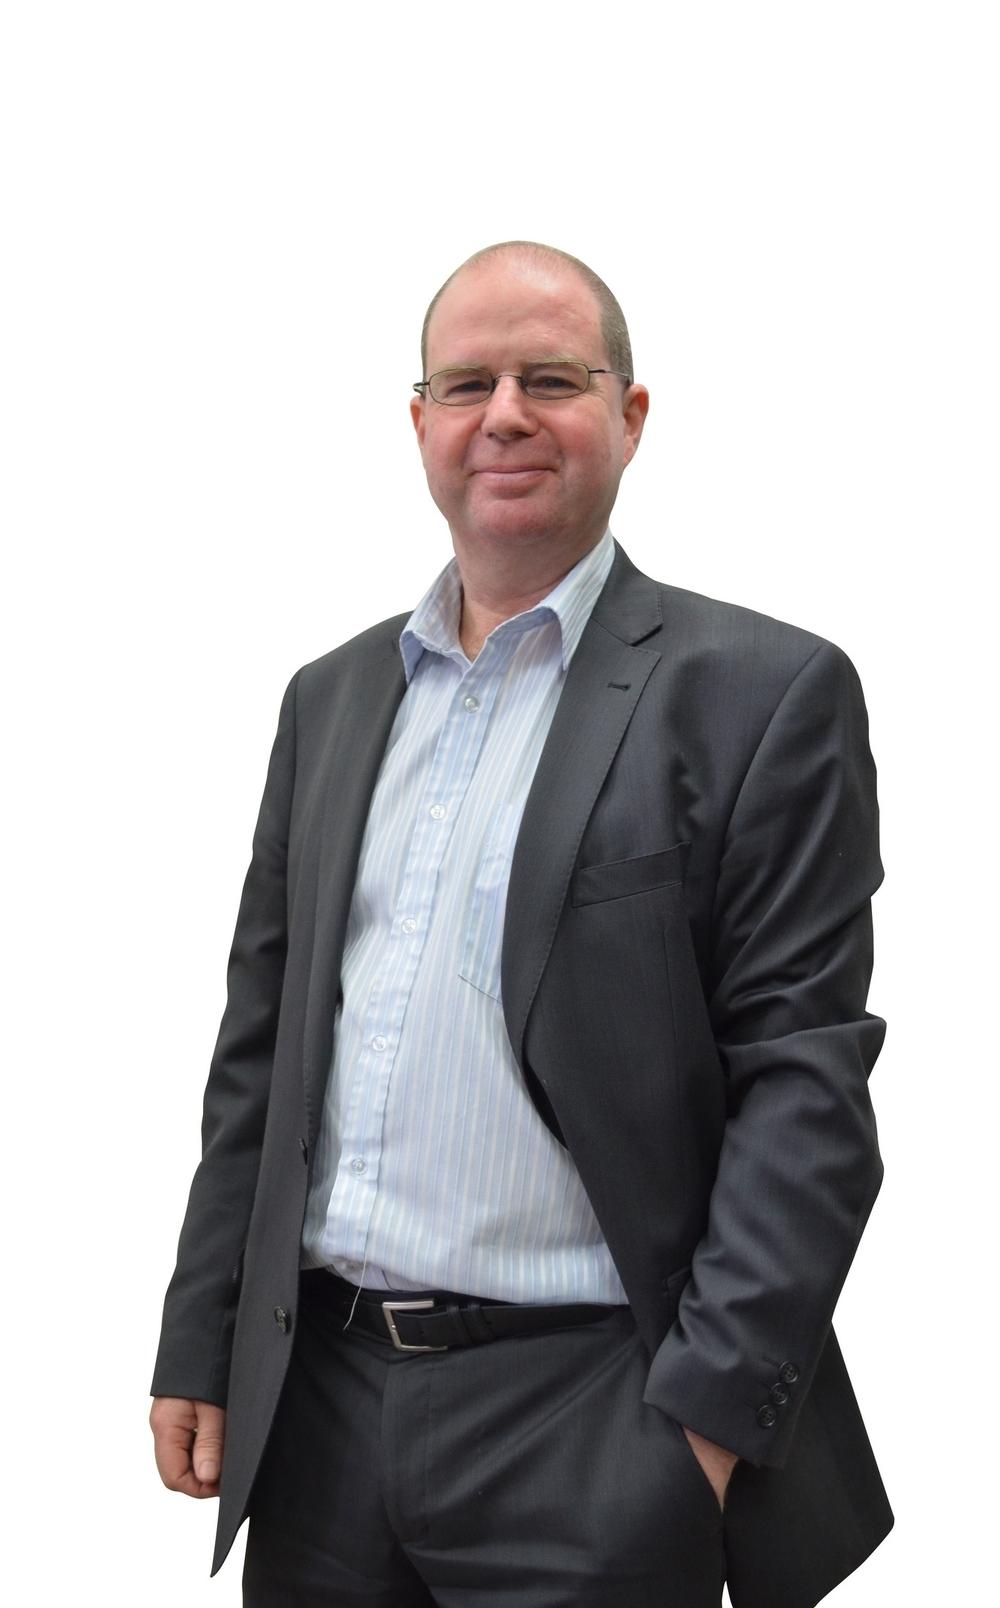 Andrew Bosworth